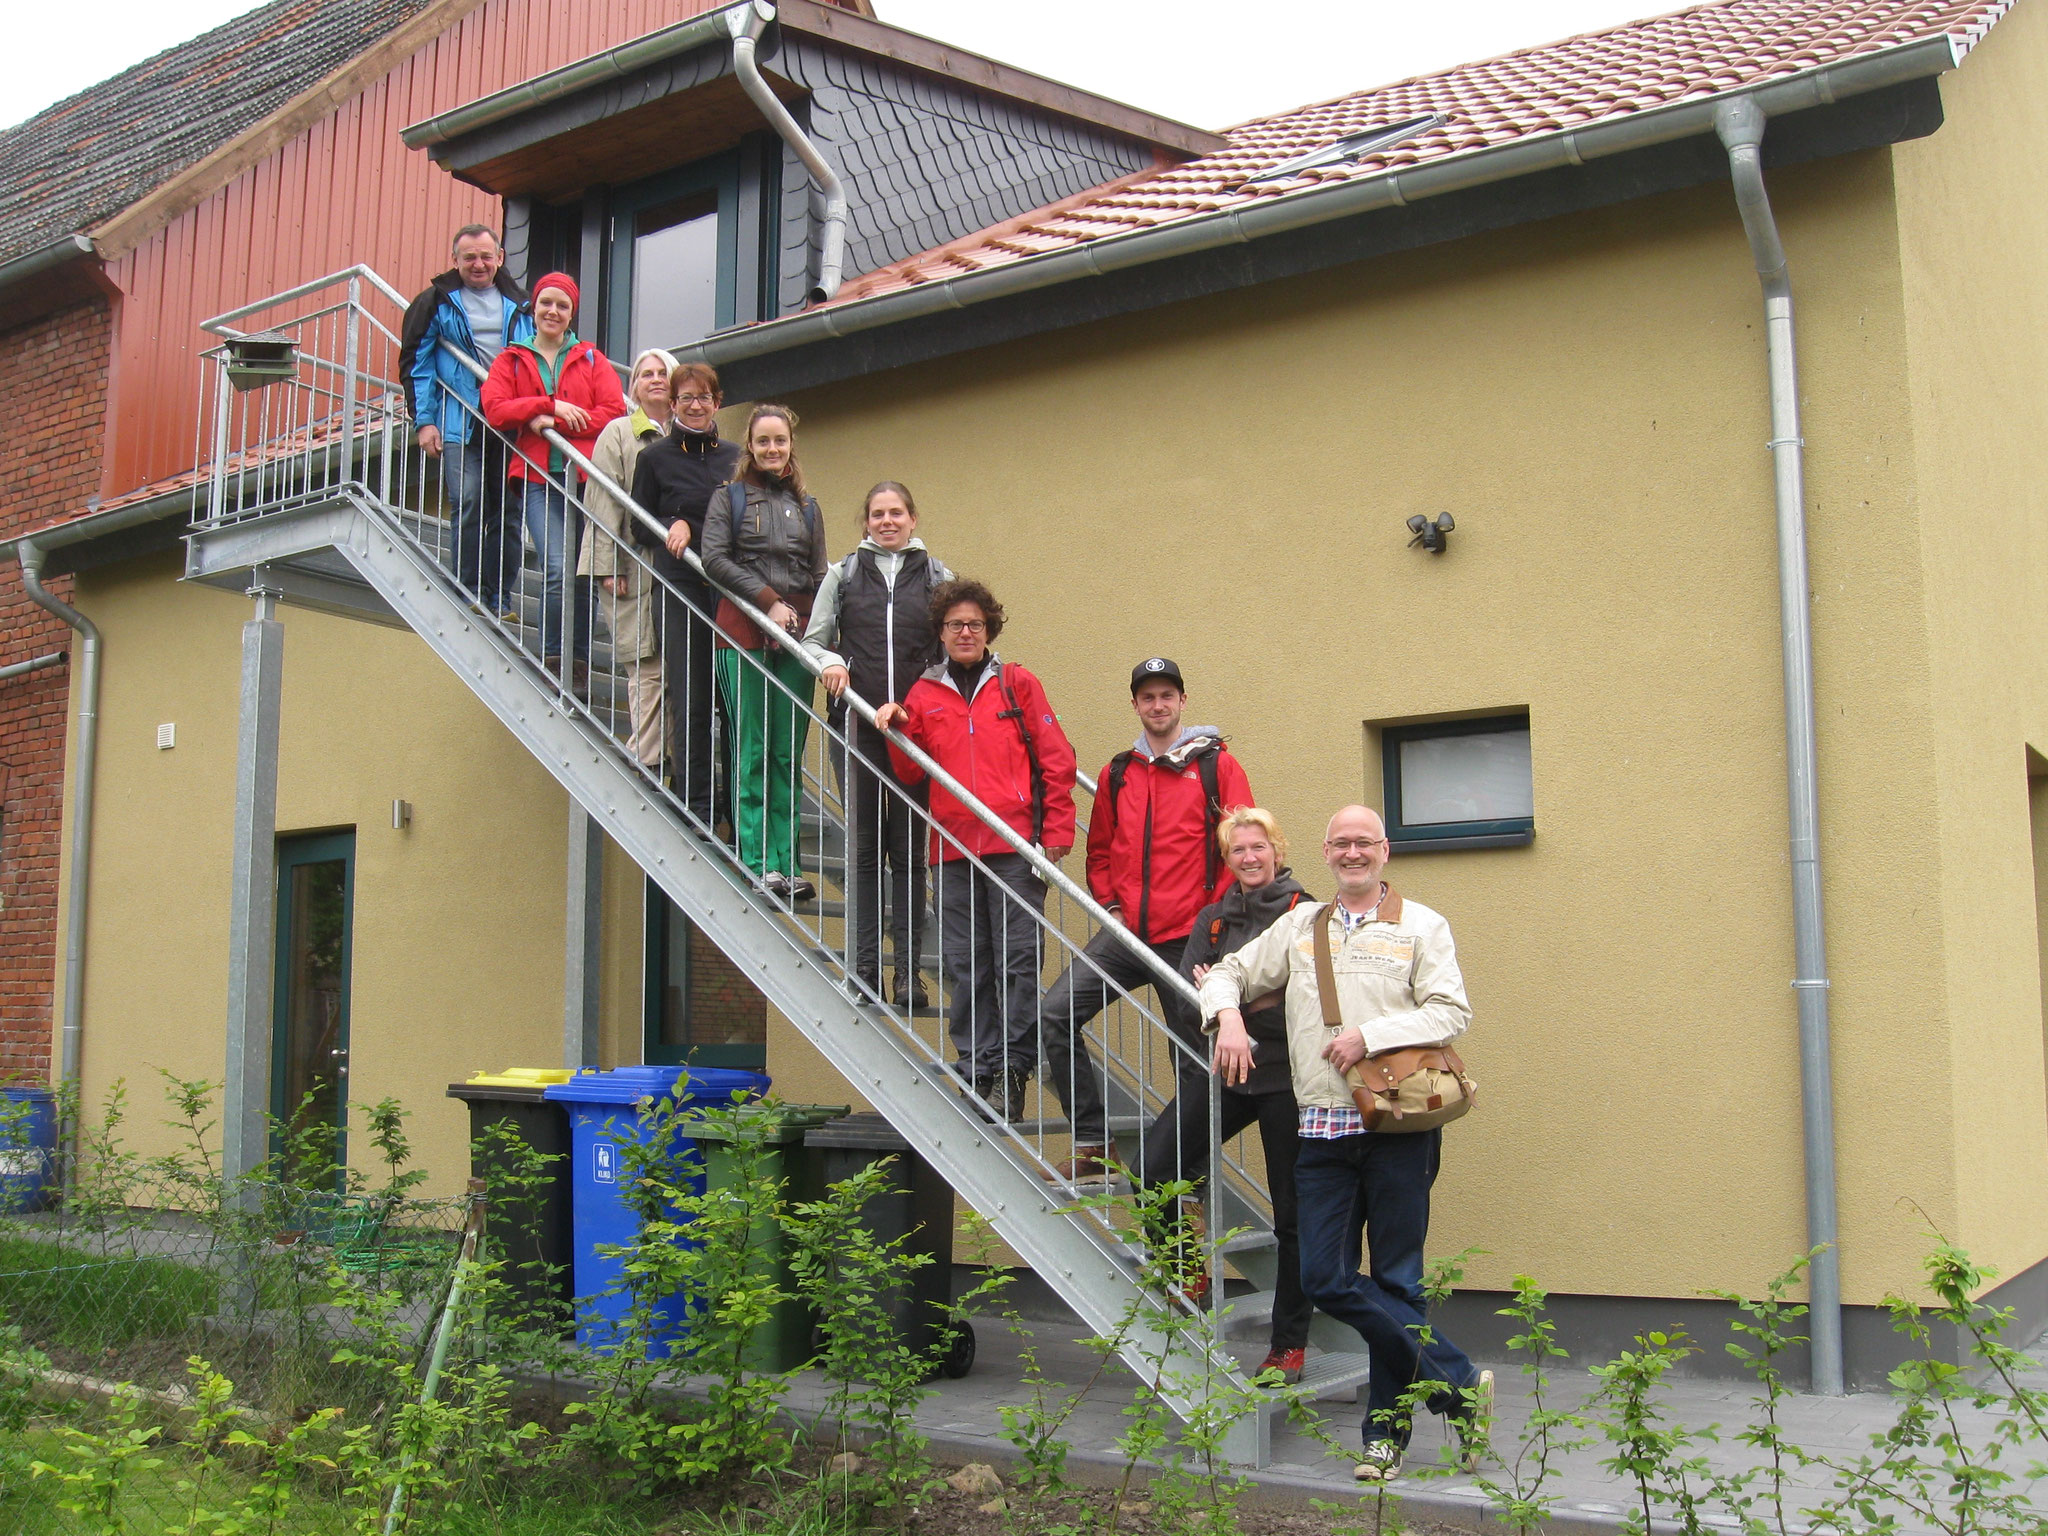 Das creative Theaterensemble unter der Leitung ihrer Intendantin Frau Kreuzhage hat sich zum Abschluss Ihrer Wanderung auf der Treppe die zur Herberge führt zum Gruppenfoto bereitgestellt.